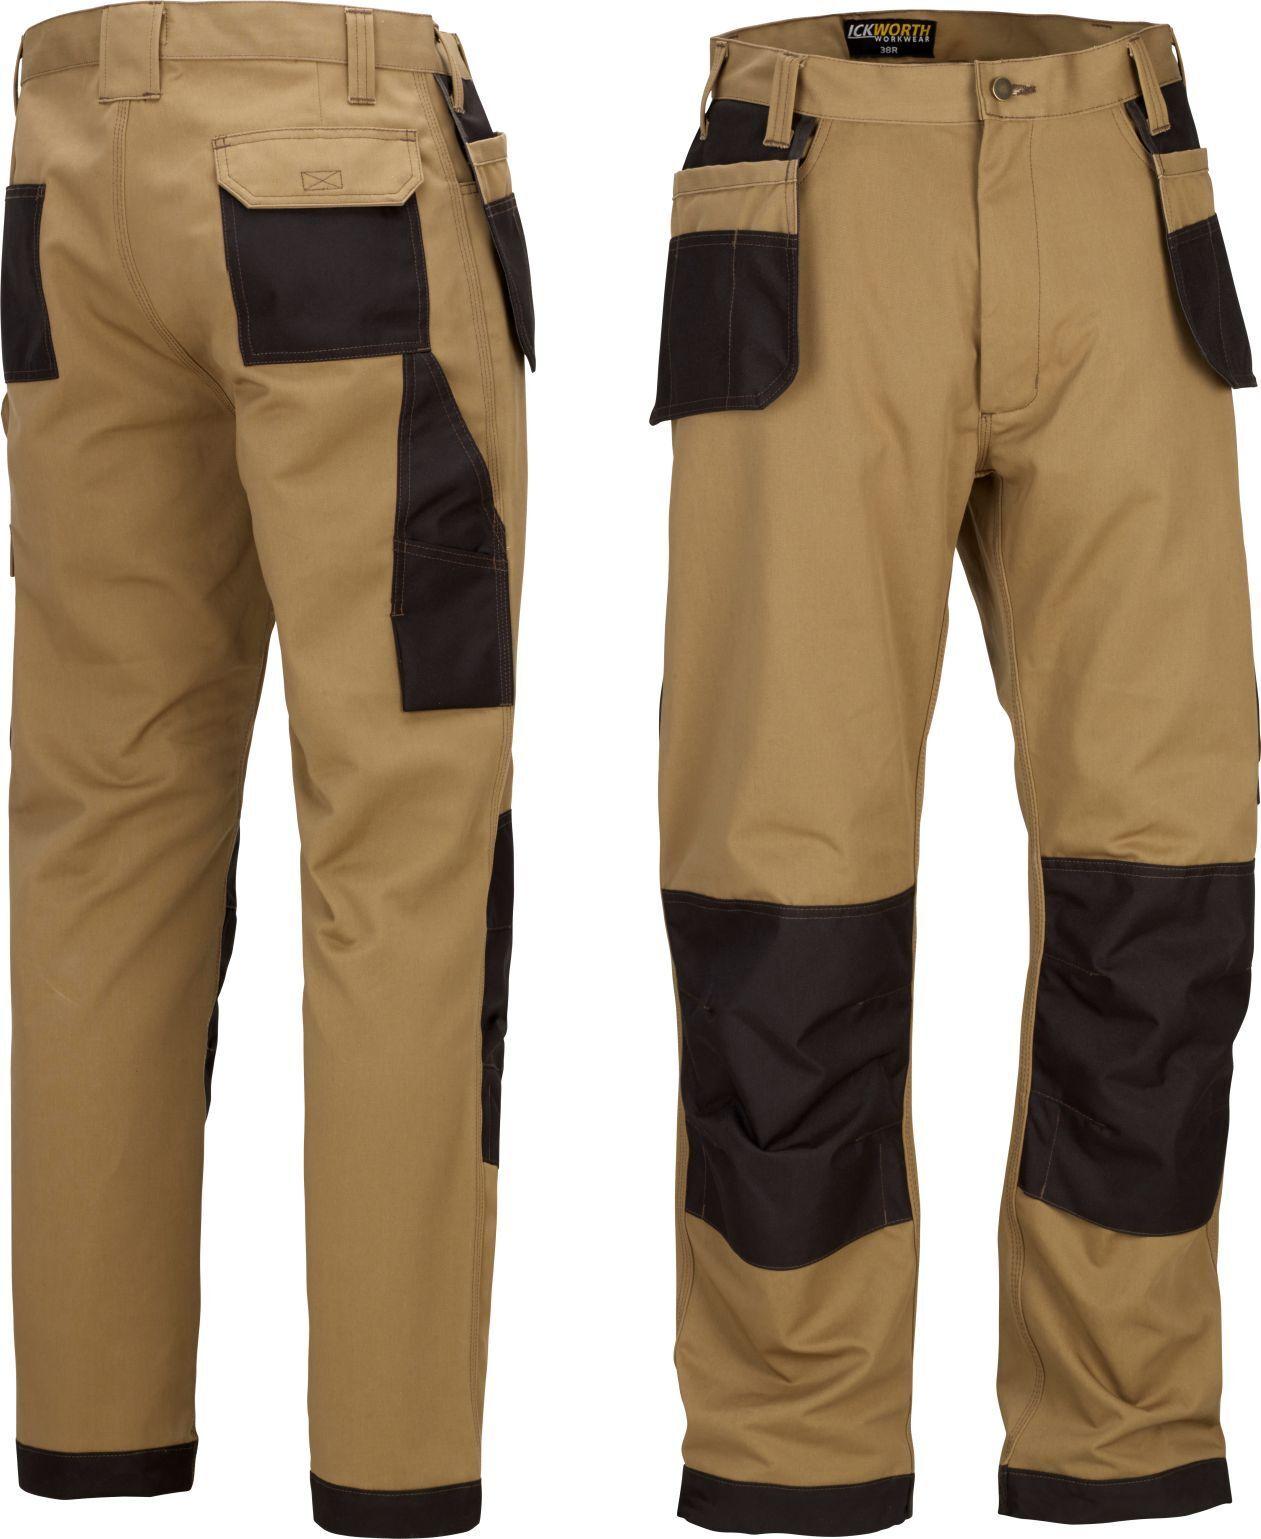 Heavy Duty Pro Pantalones de Trabajo con Rodillera /& Funda Varios Bolsillos Cargo Estilo